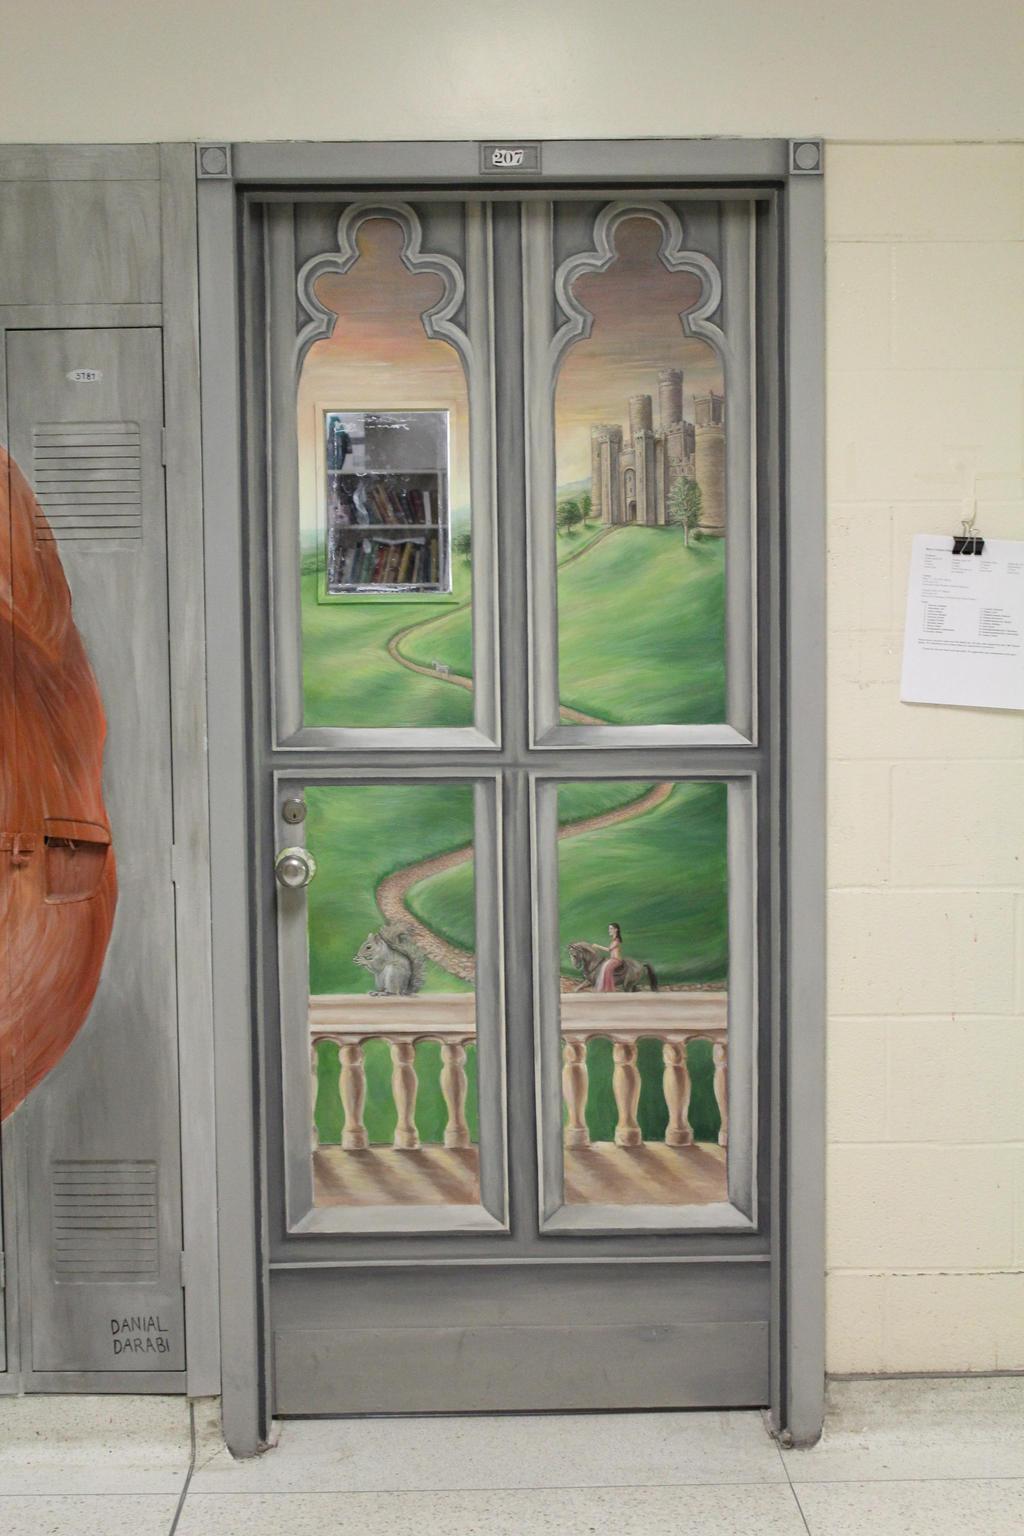 Castle Door Painting by Mimitchki Castle Door Painting by Mimitchki & Castle Door Painting by Mimitchki on DeviantArt